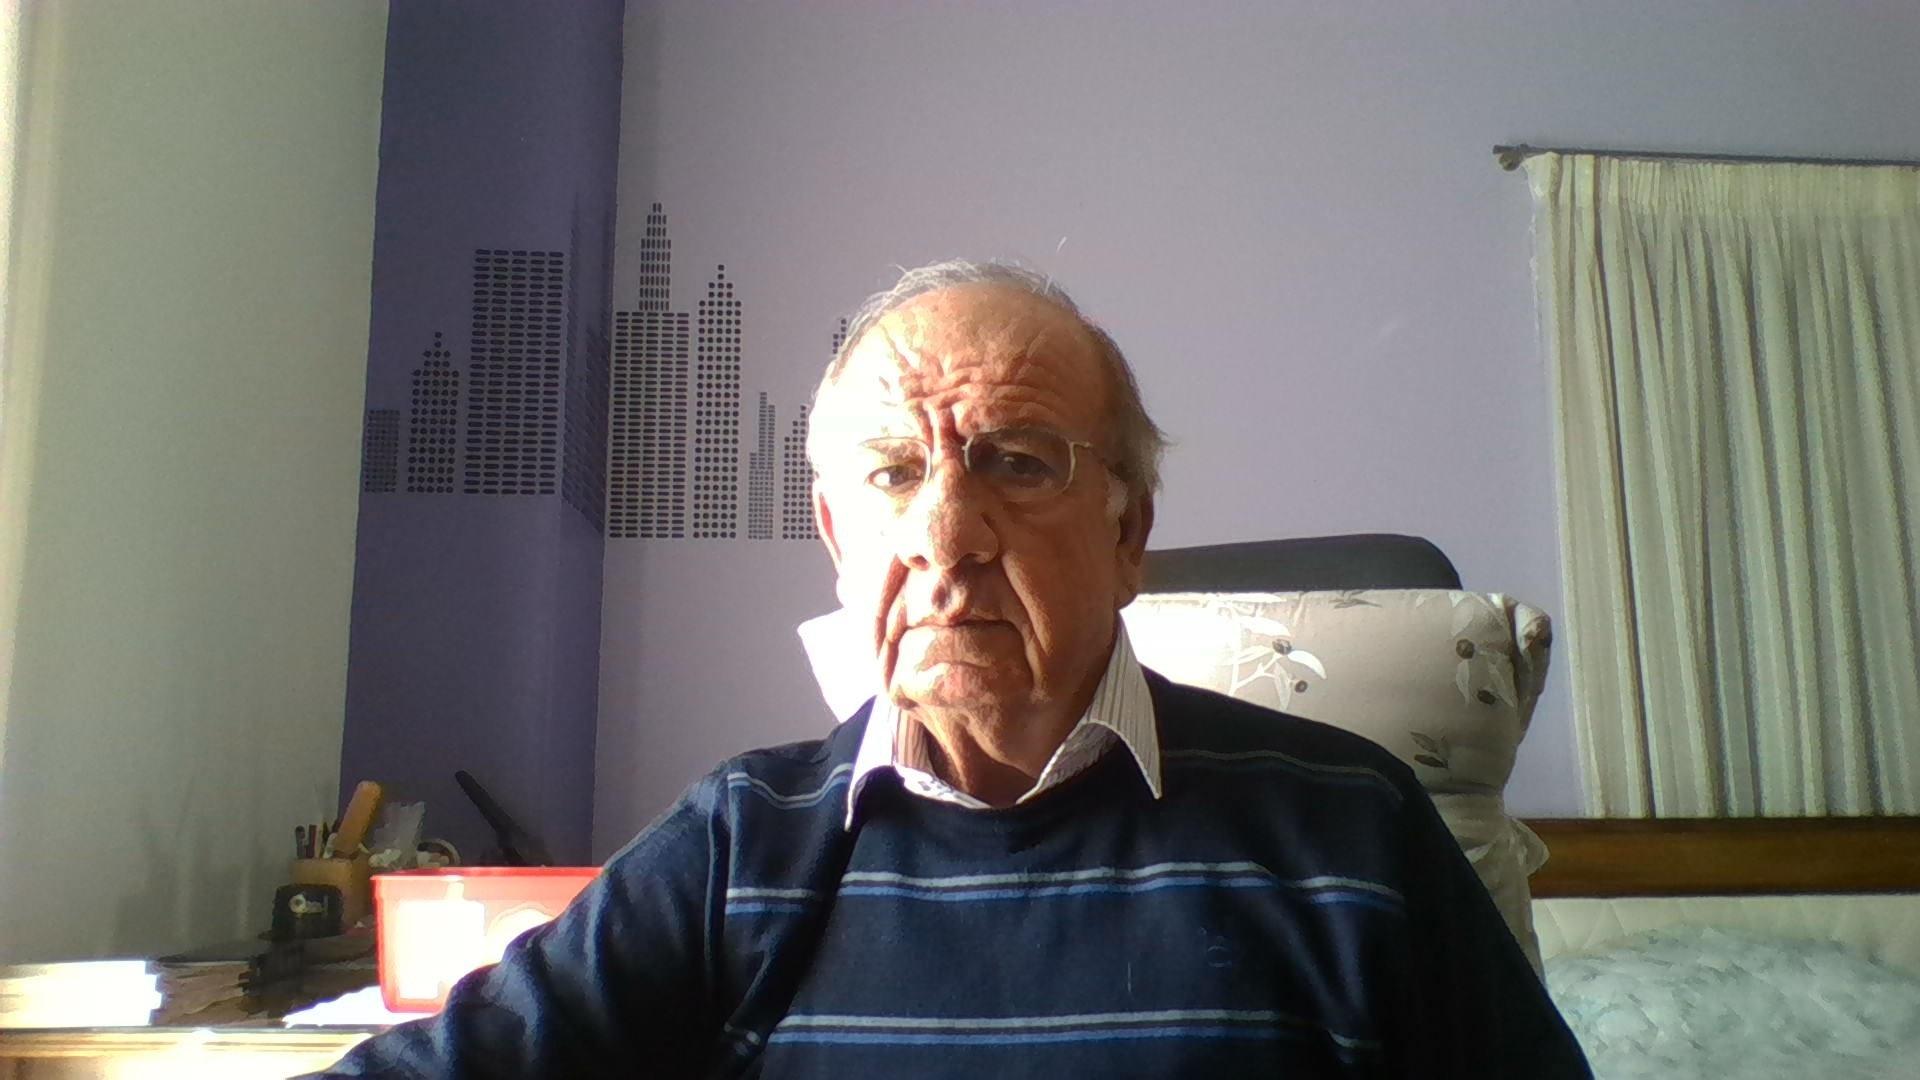 Χριστάκης Παπαγιάννης, Εκπρόσωπος του Συμβουλίου Γεωπόνων Κύπρου